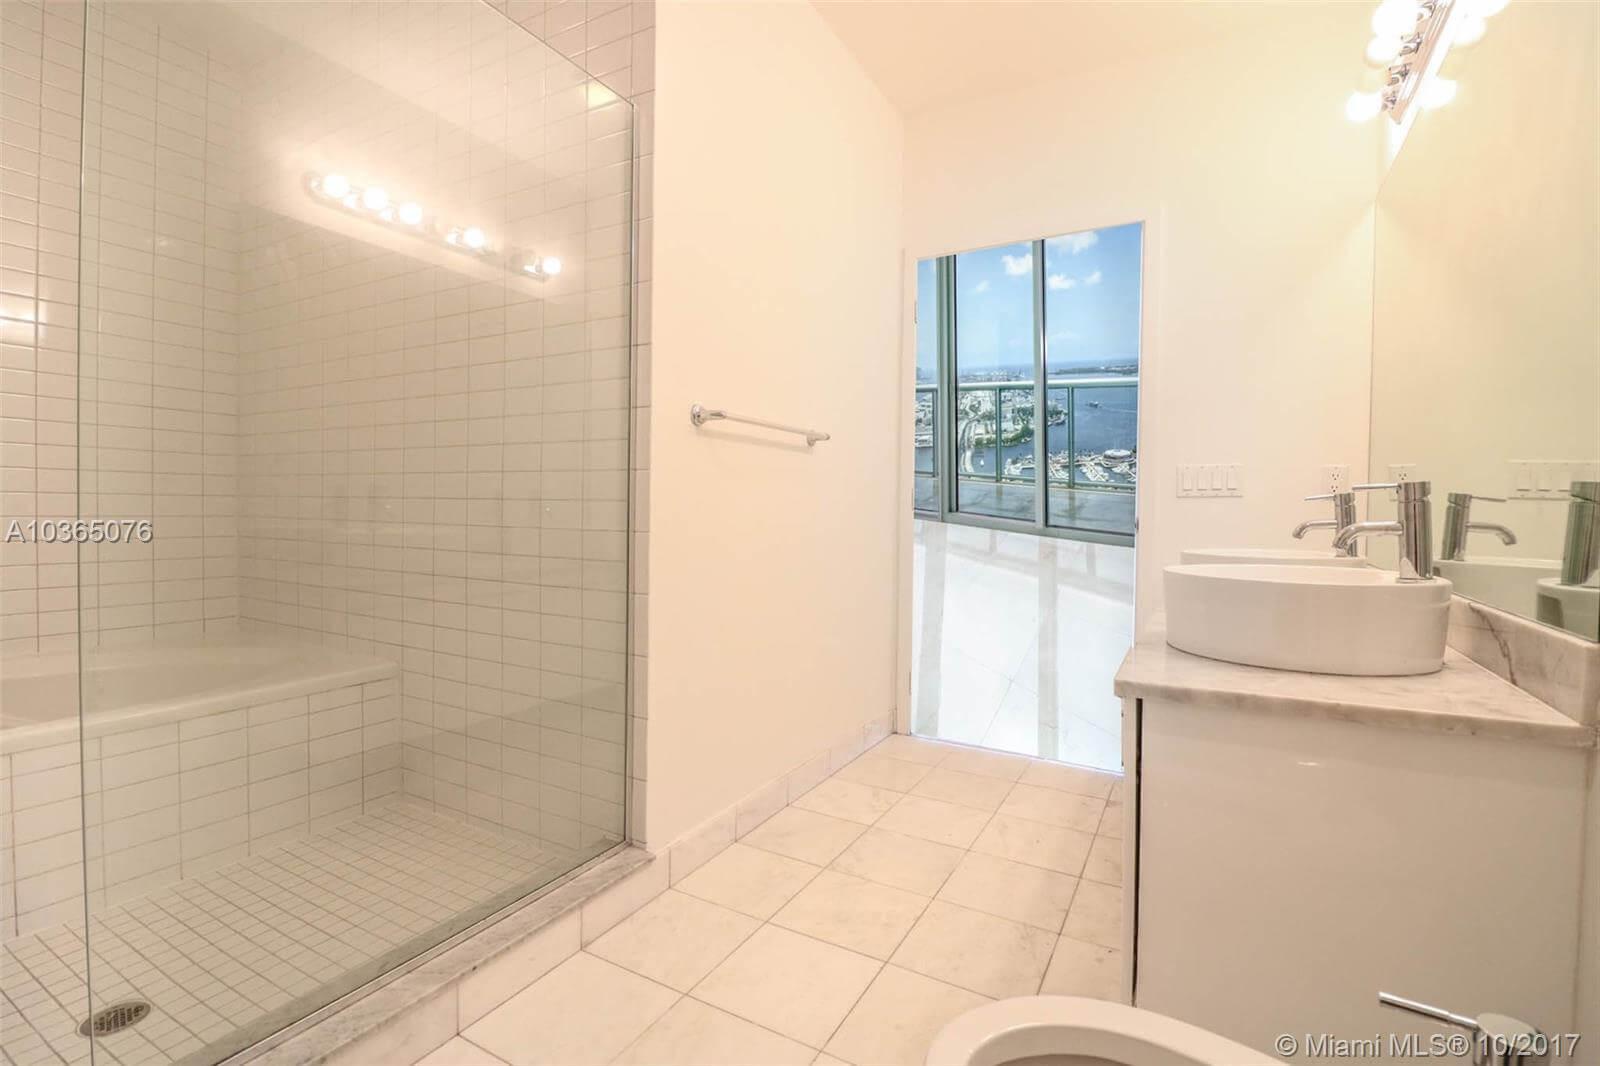 White batroom tiled